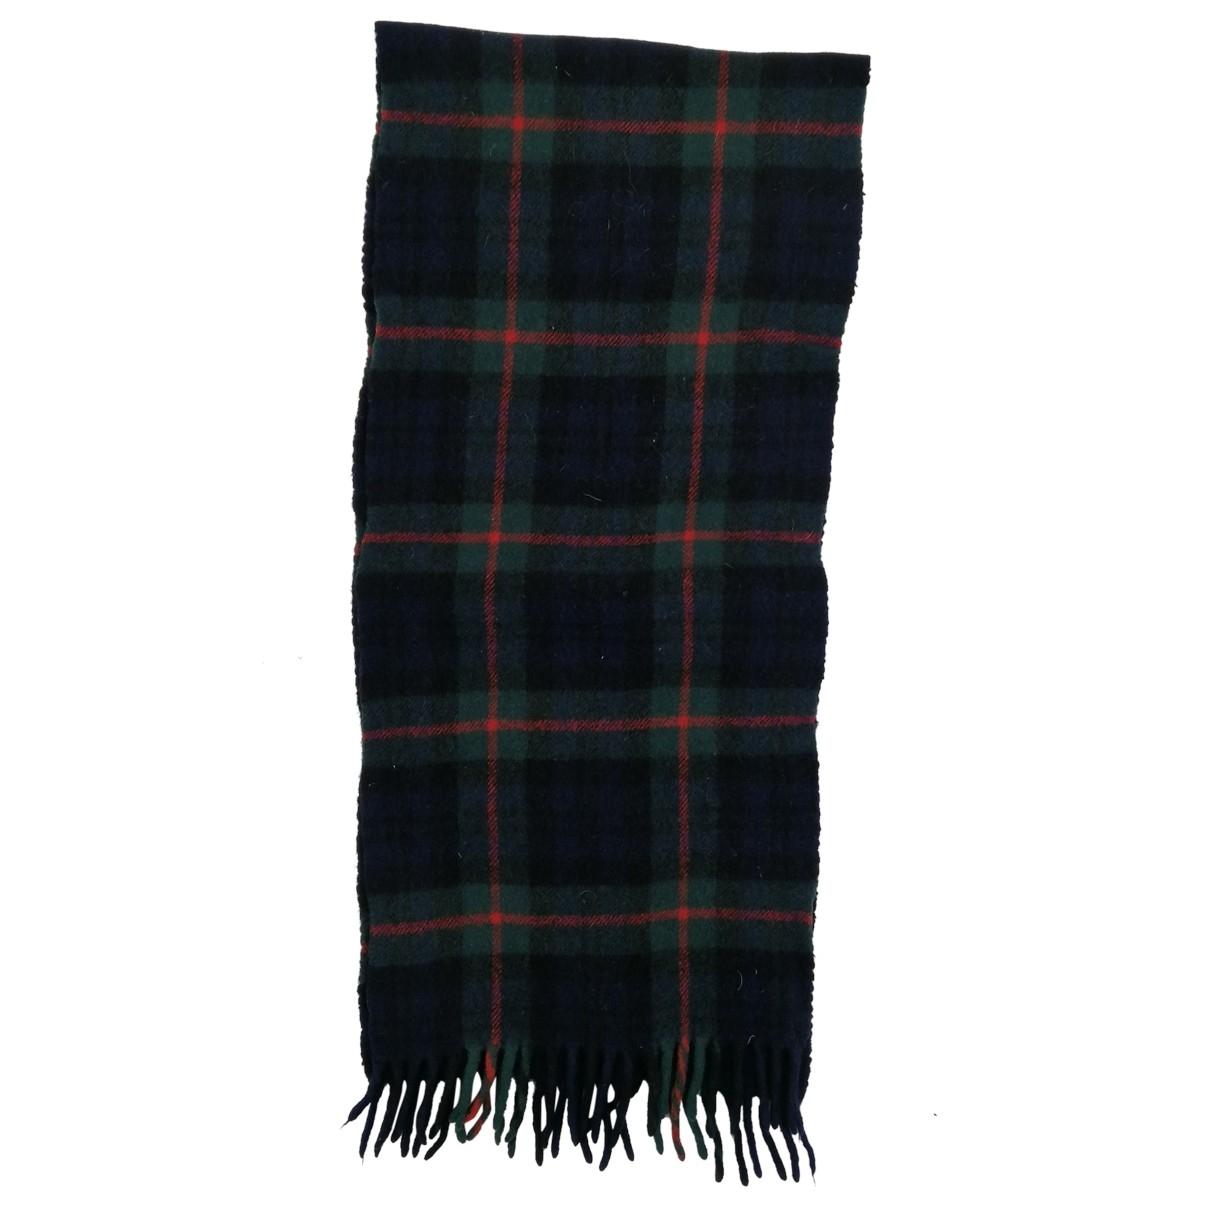 Missoni - Cheches.Echarpes   pour homme en laine - multicolore